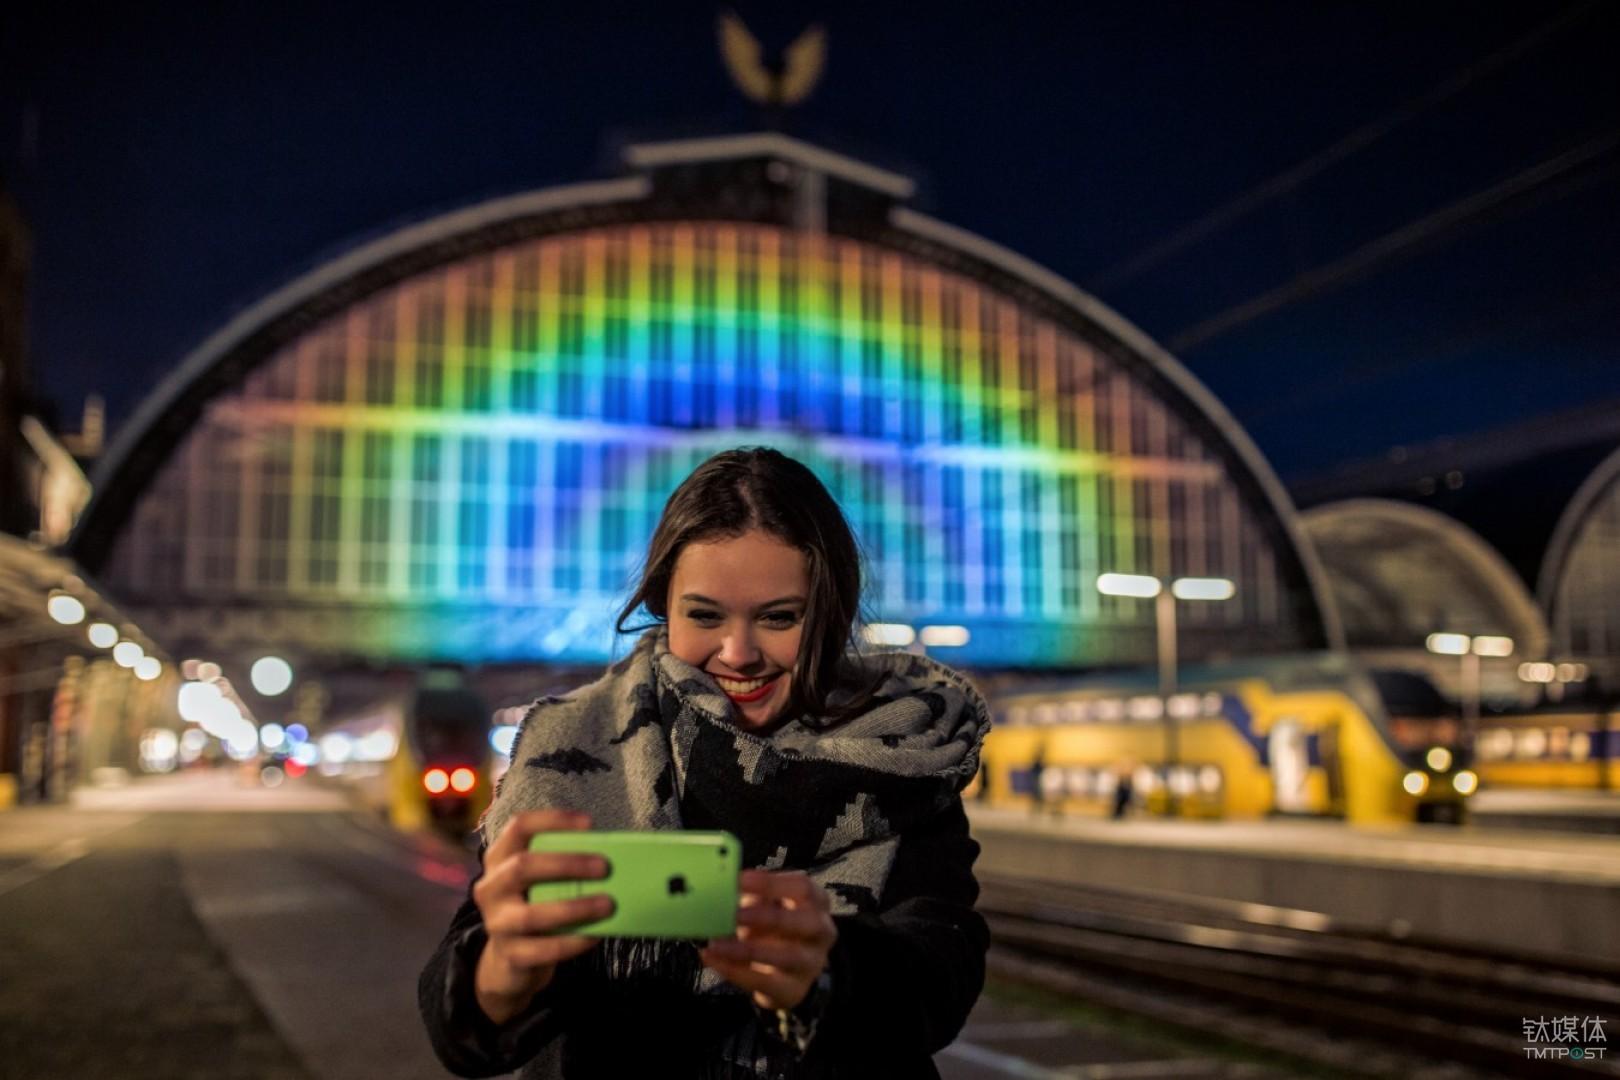 乘客在彩虹车站前自拍。图片来源/罗斯加德工作室